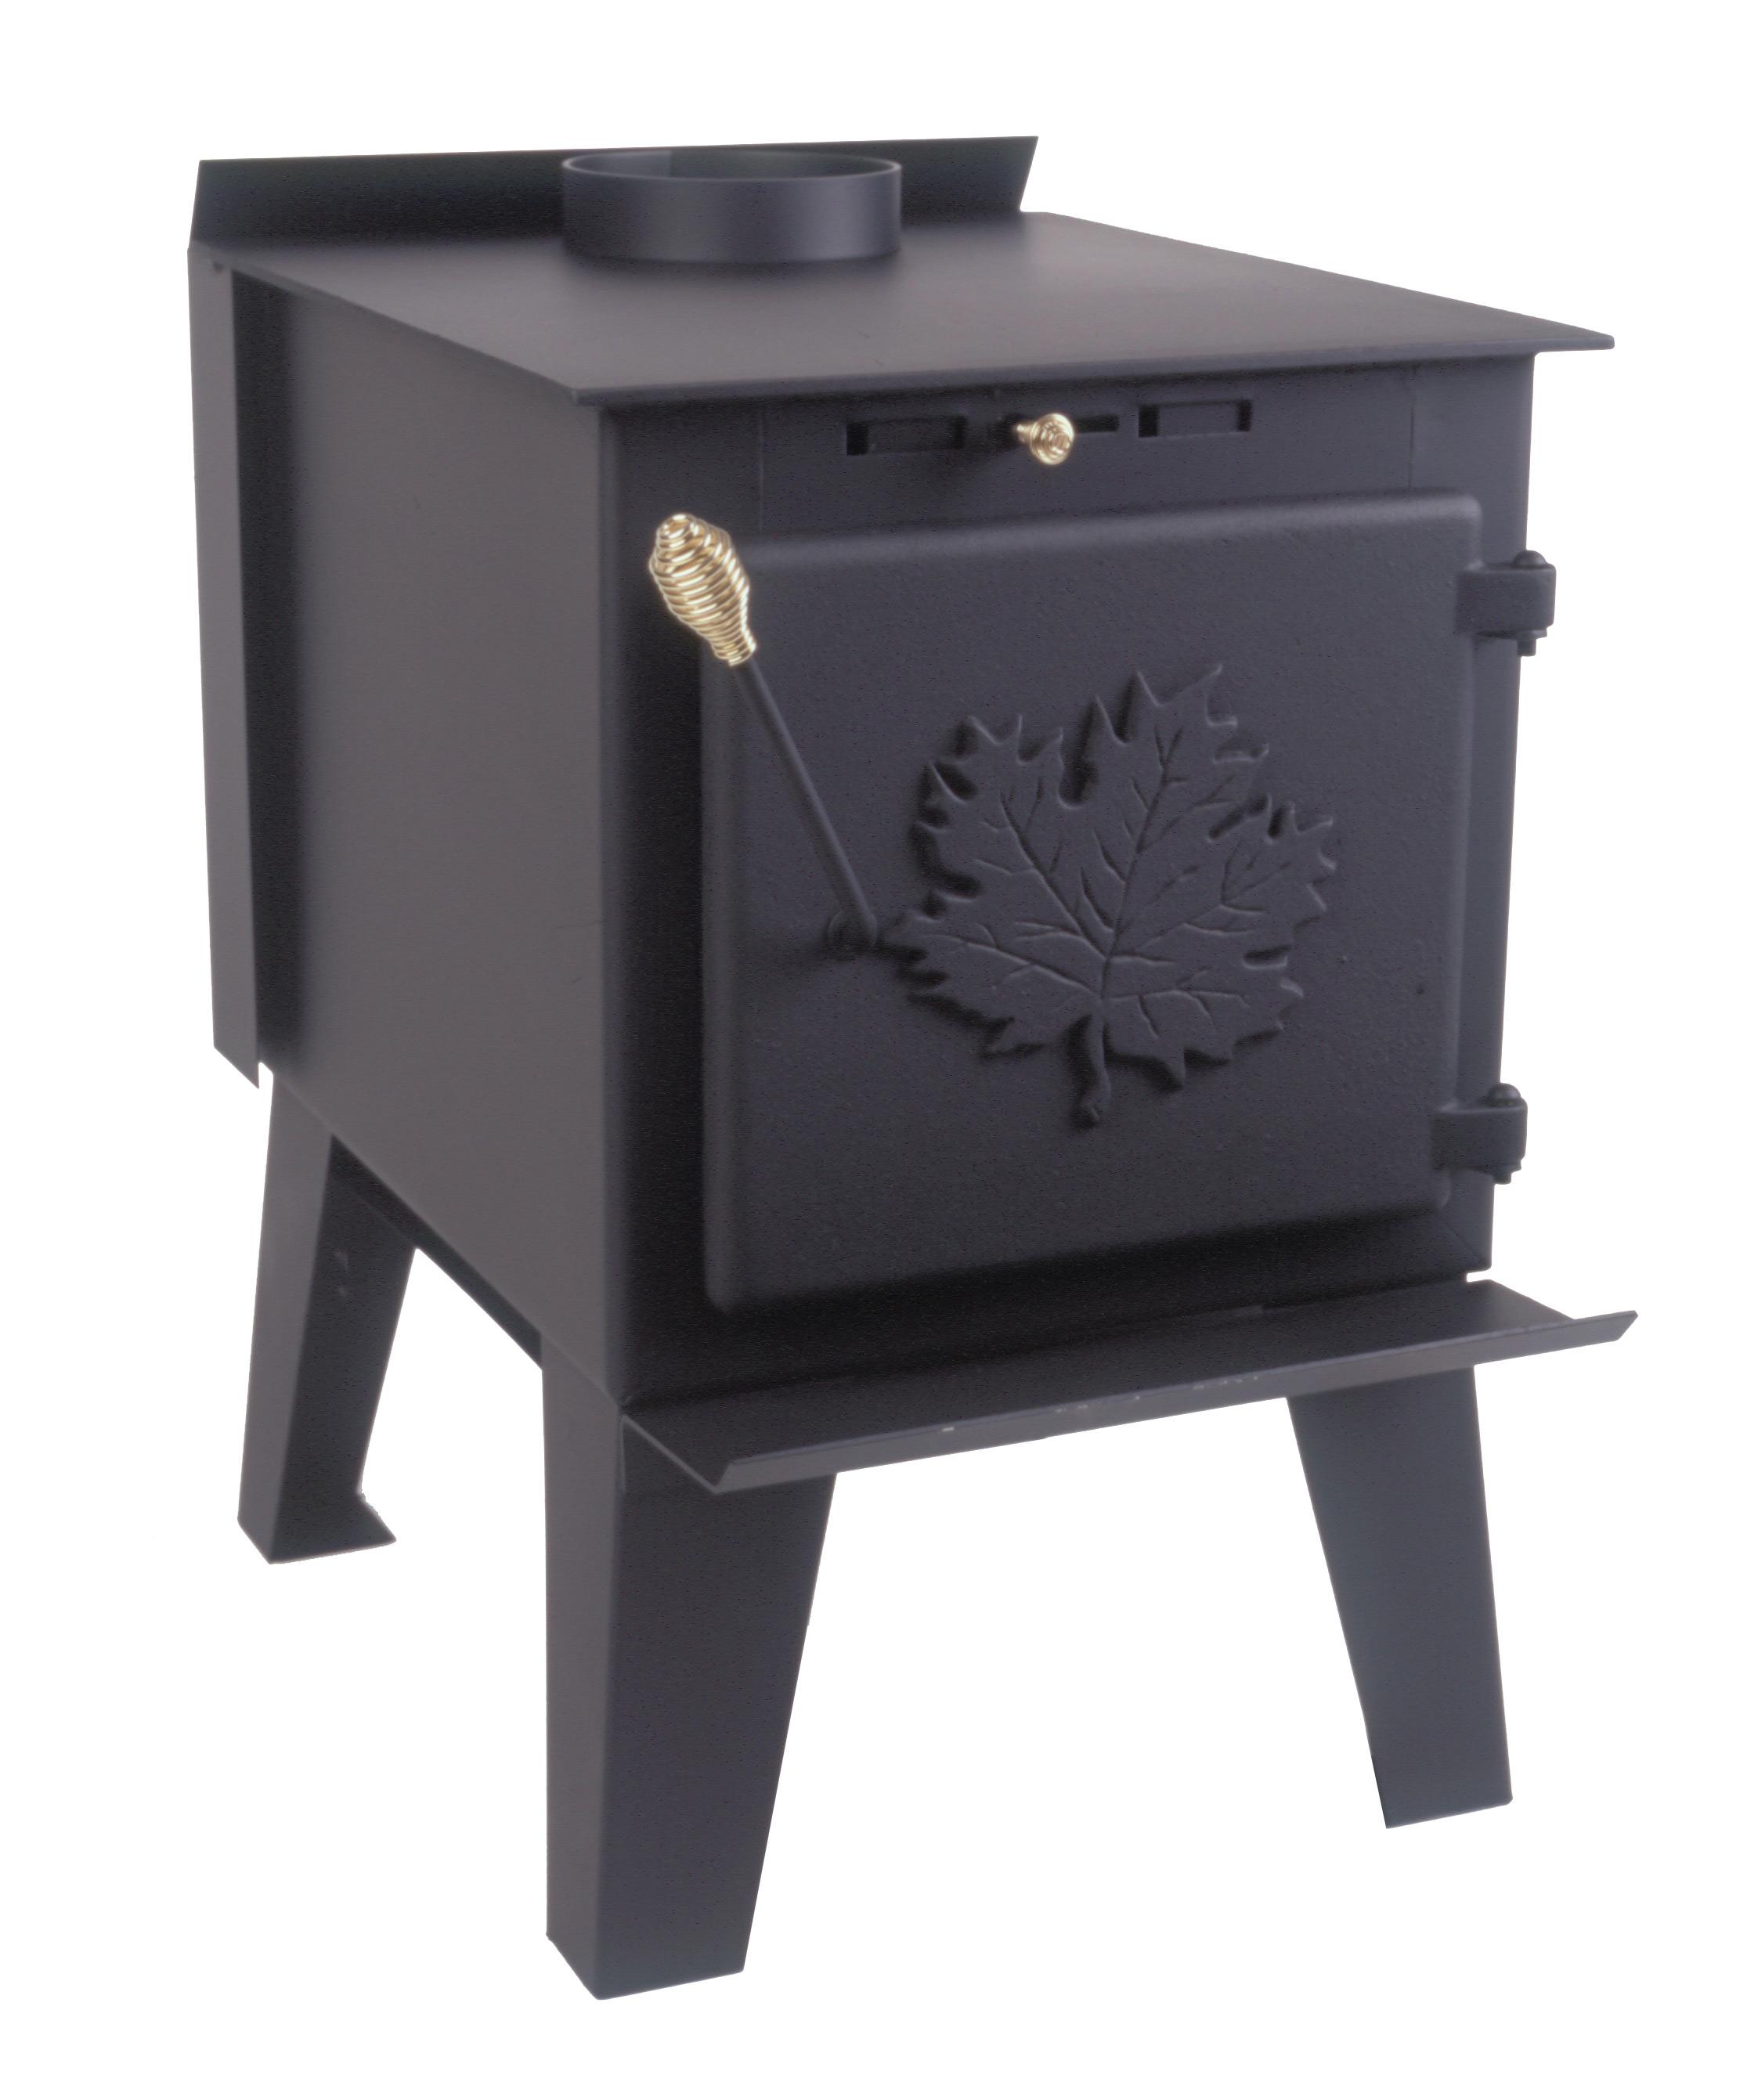 klondike wood furnace